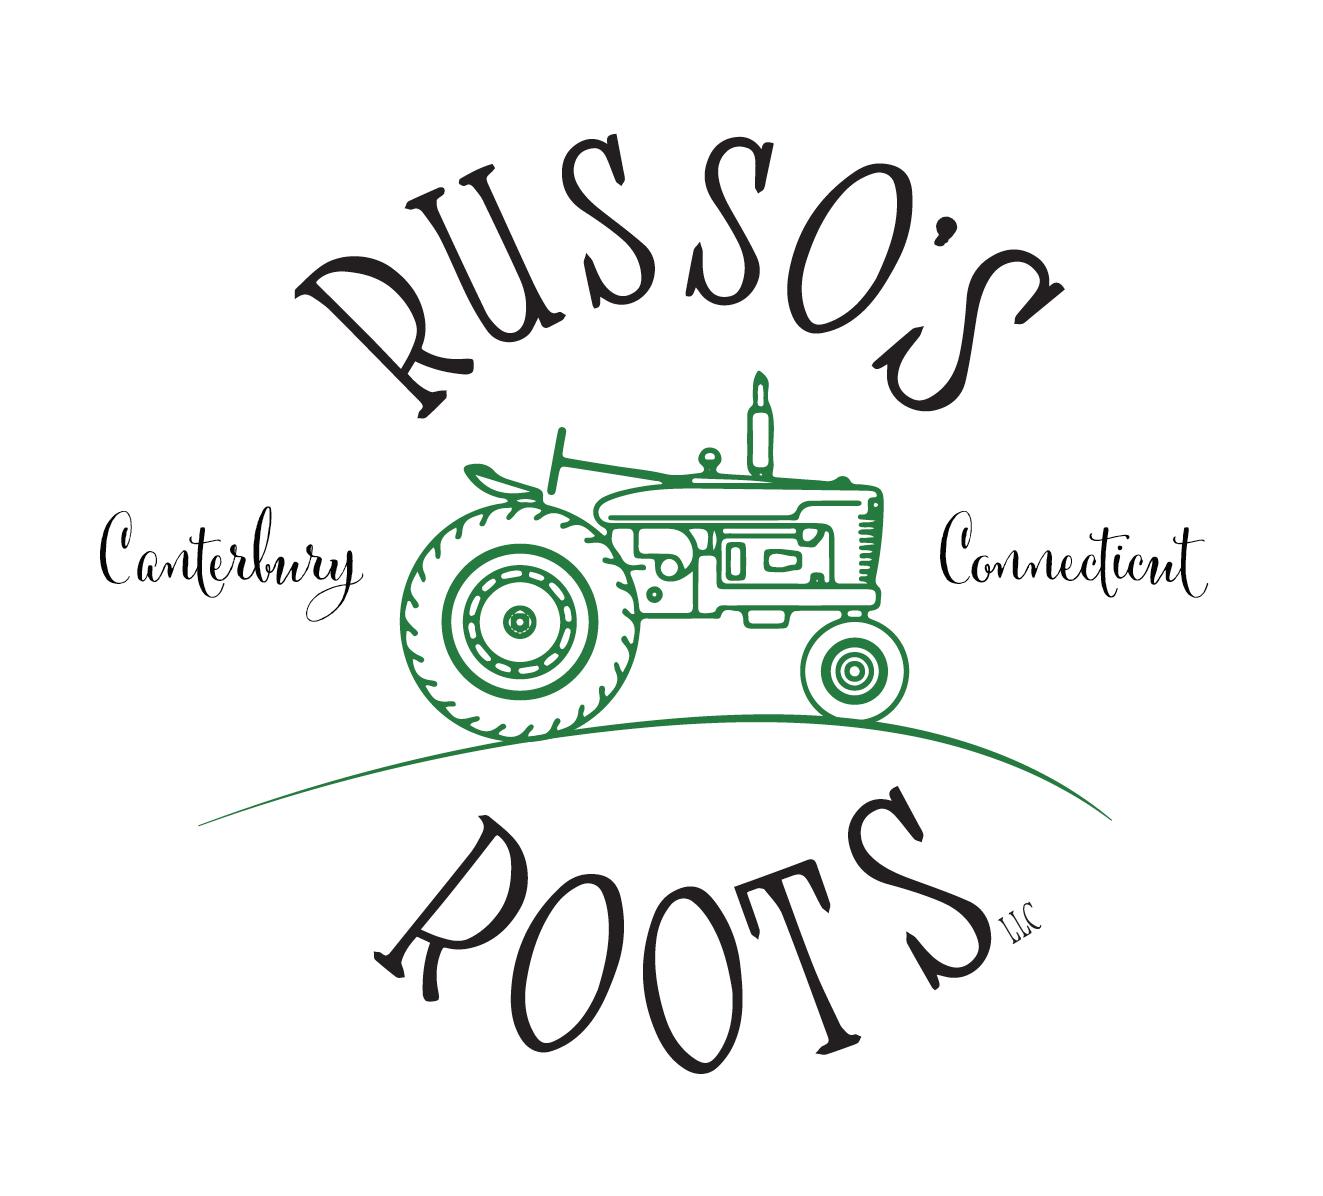 russos roots logo